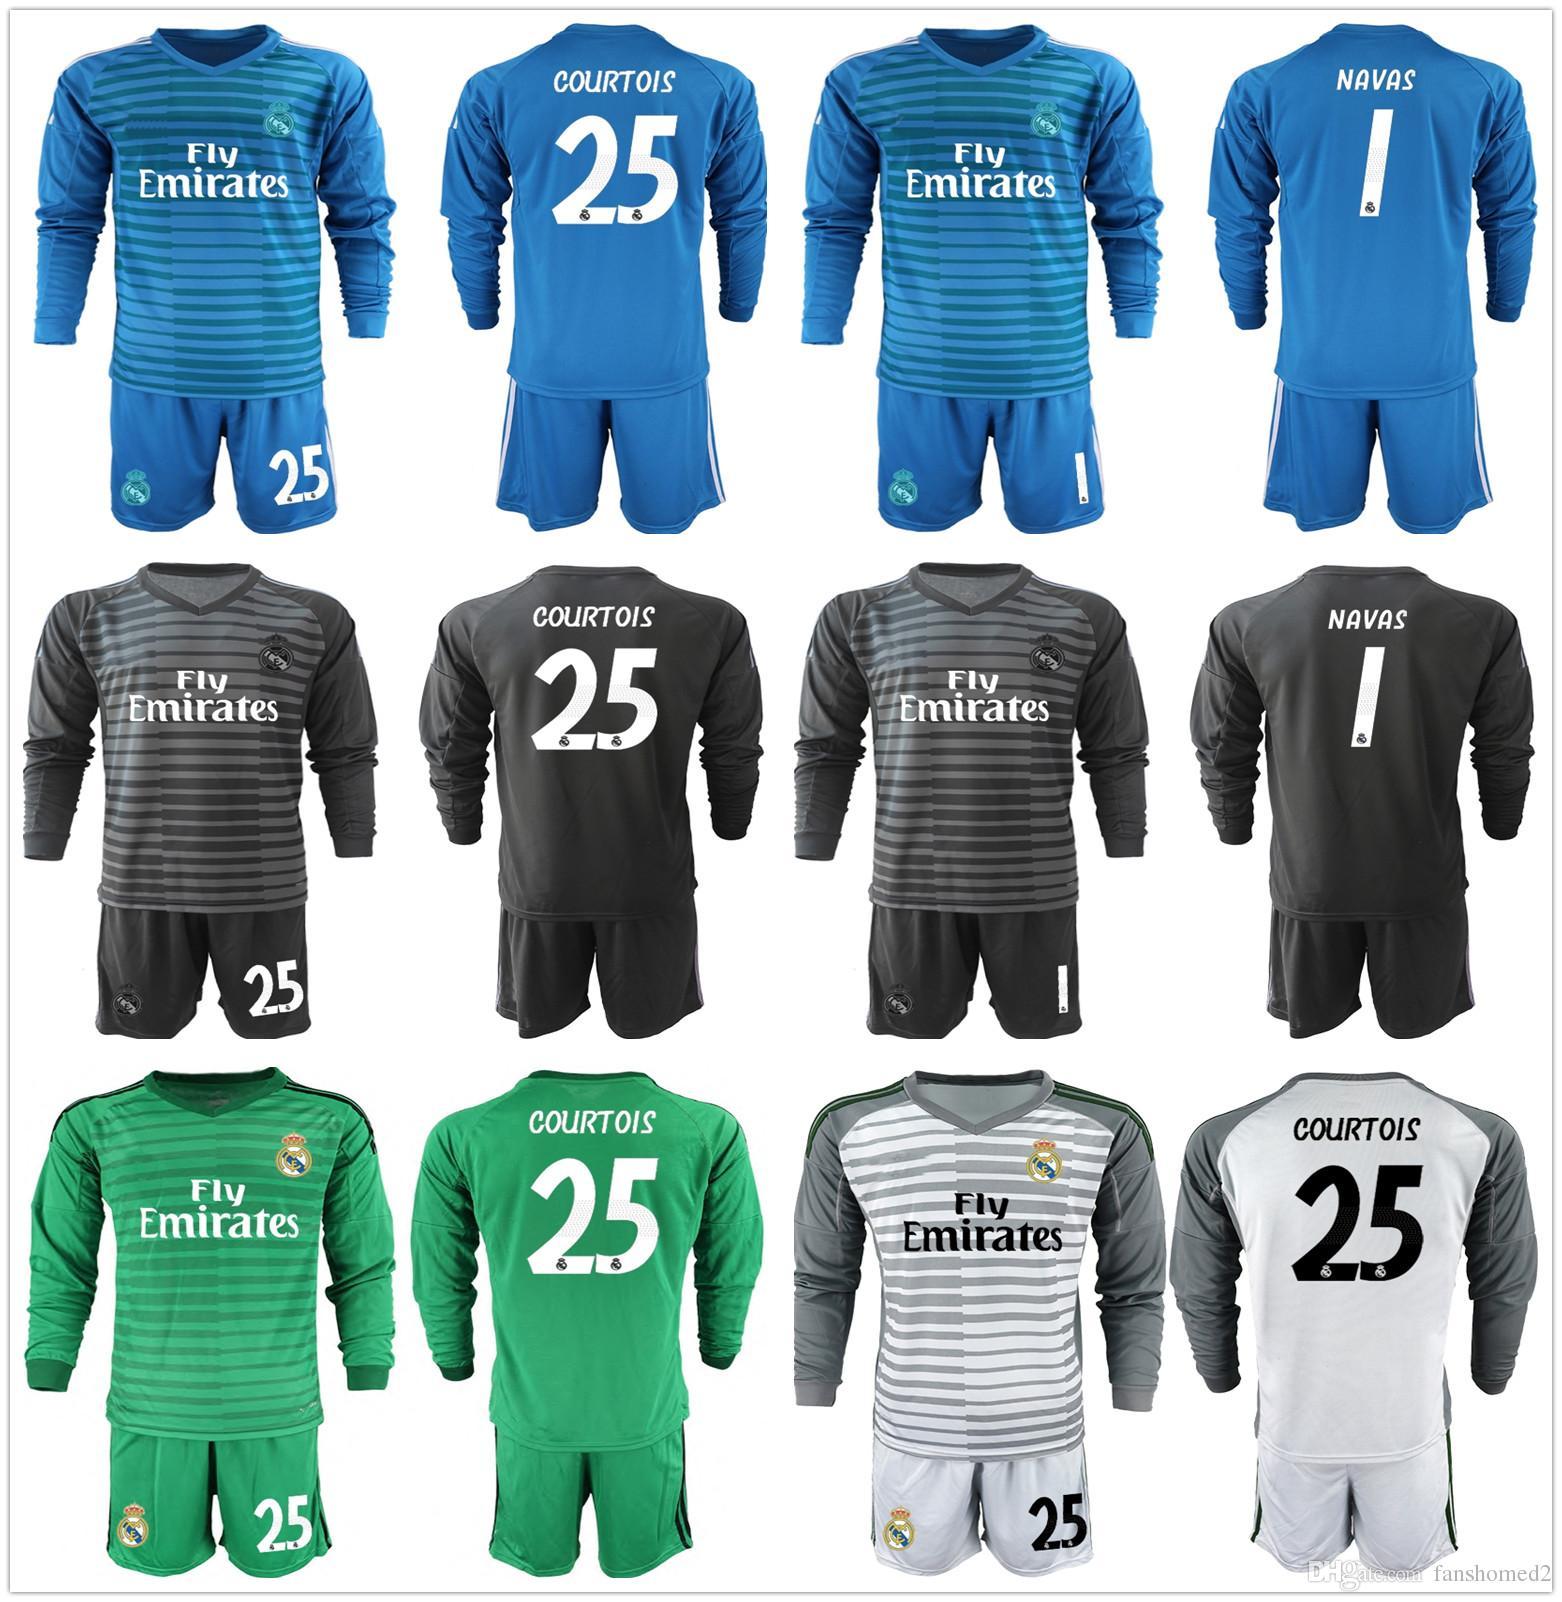 Compre 2018 2019 Longa Manga Real Madrid Conjunto De Futebol Goalkeepe Kit  Keylor Navas 25 Courtois Goleiro Madrid Jersey Bale Camisa Uniforme Homens  De ... 1175e5da7e247